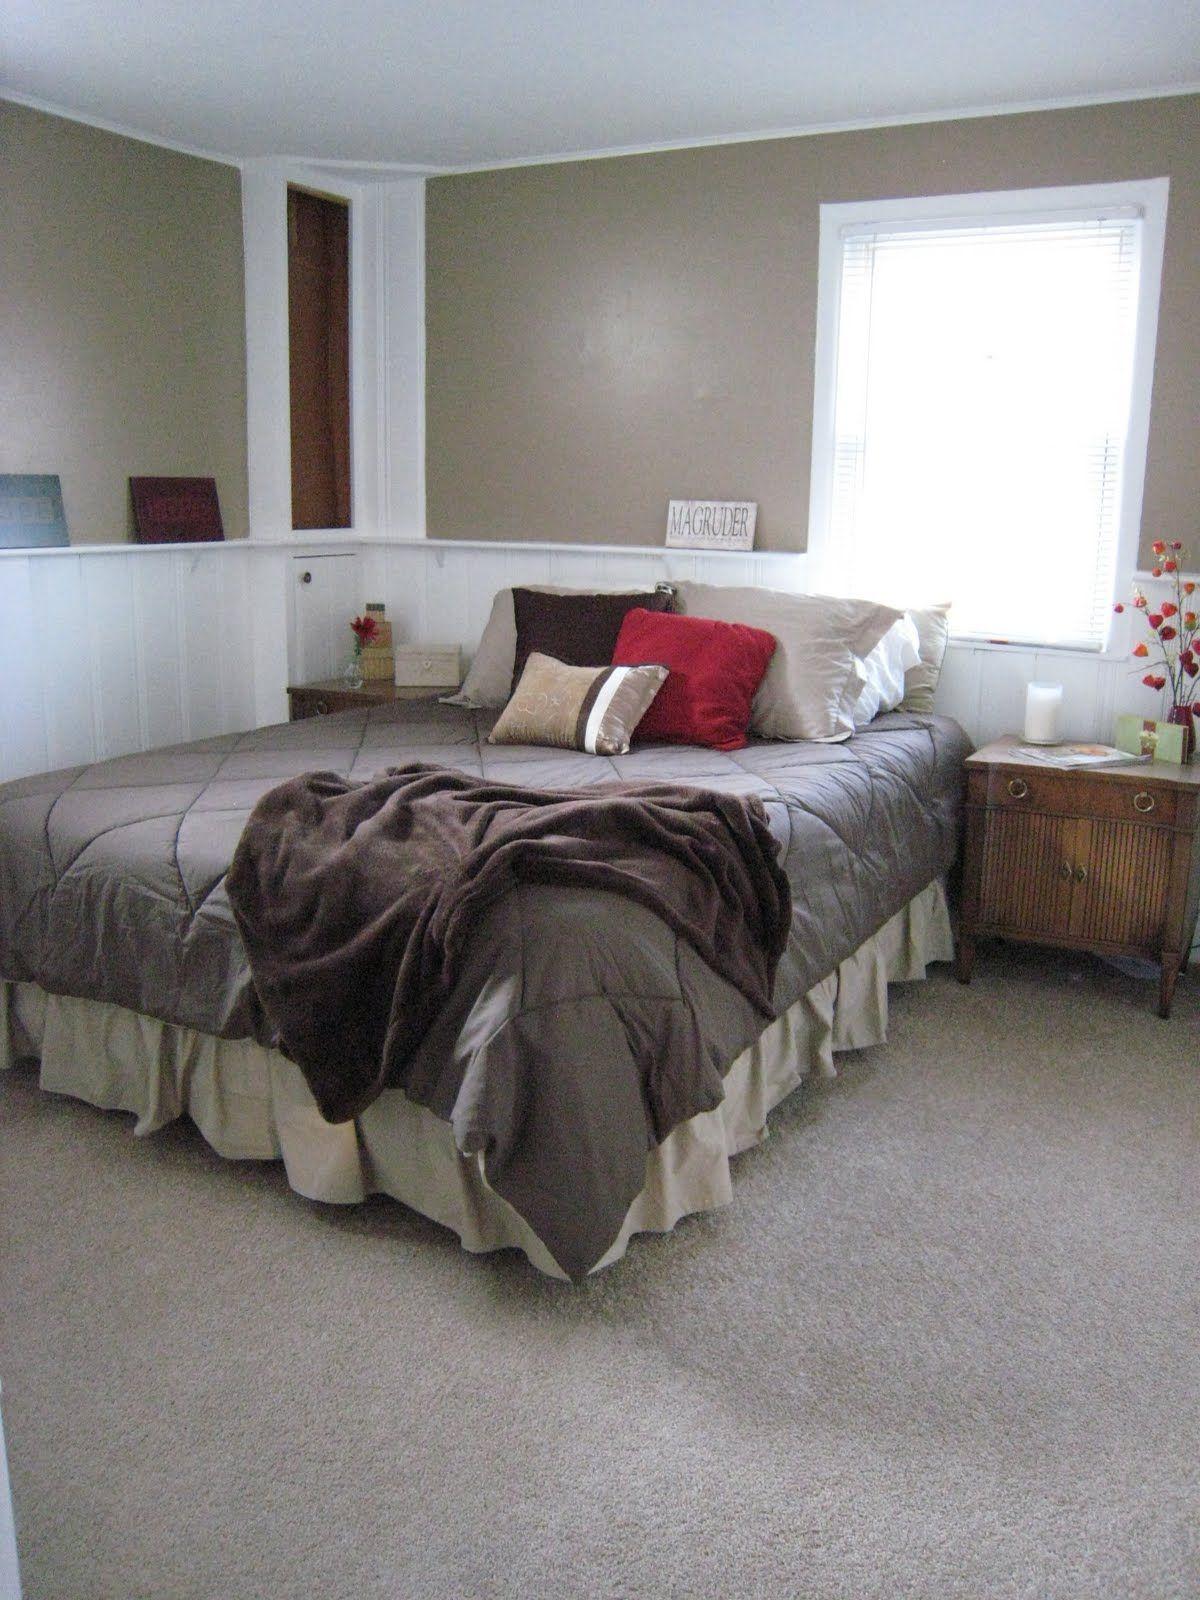 Basement Bedroom Master Bedrooms Decor Basement Master Bedroom Bedroom Decor